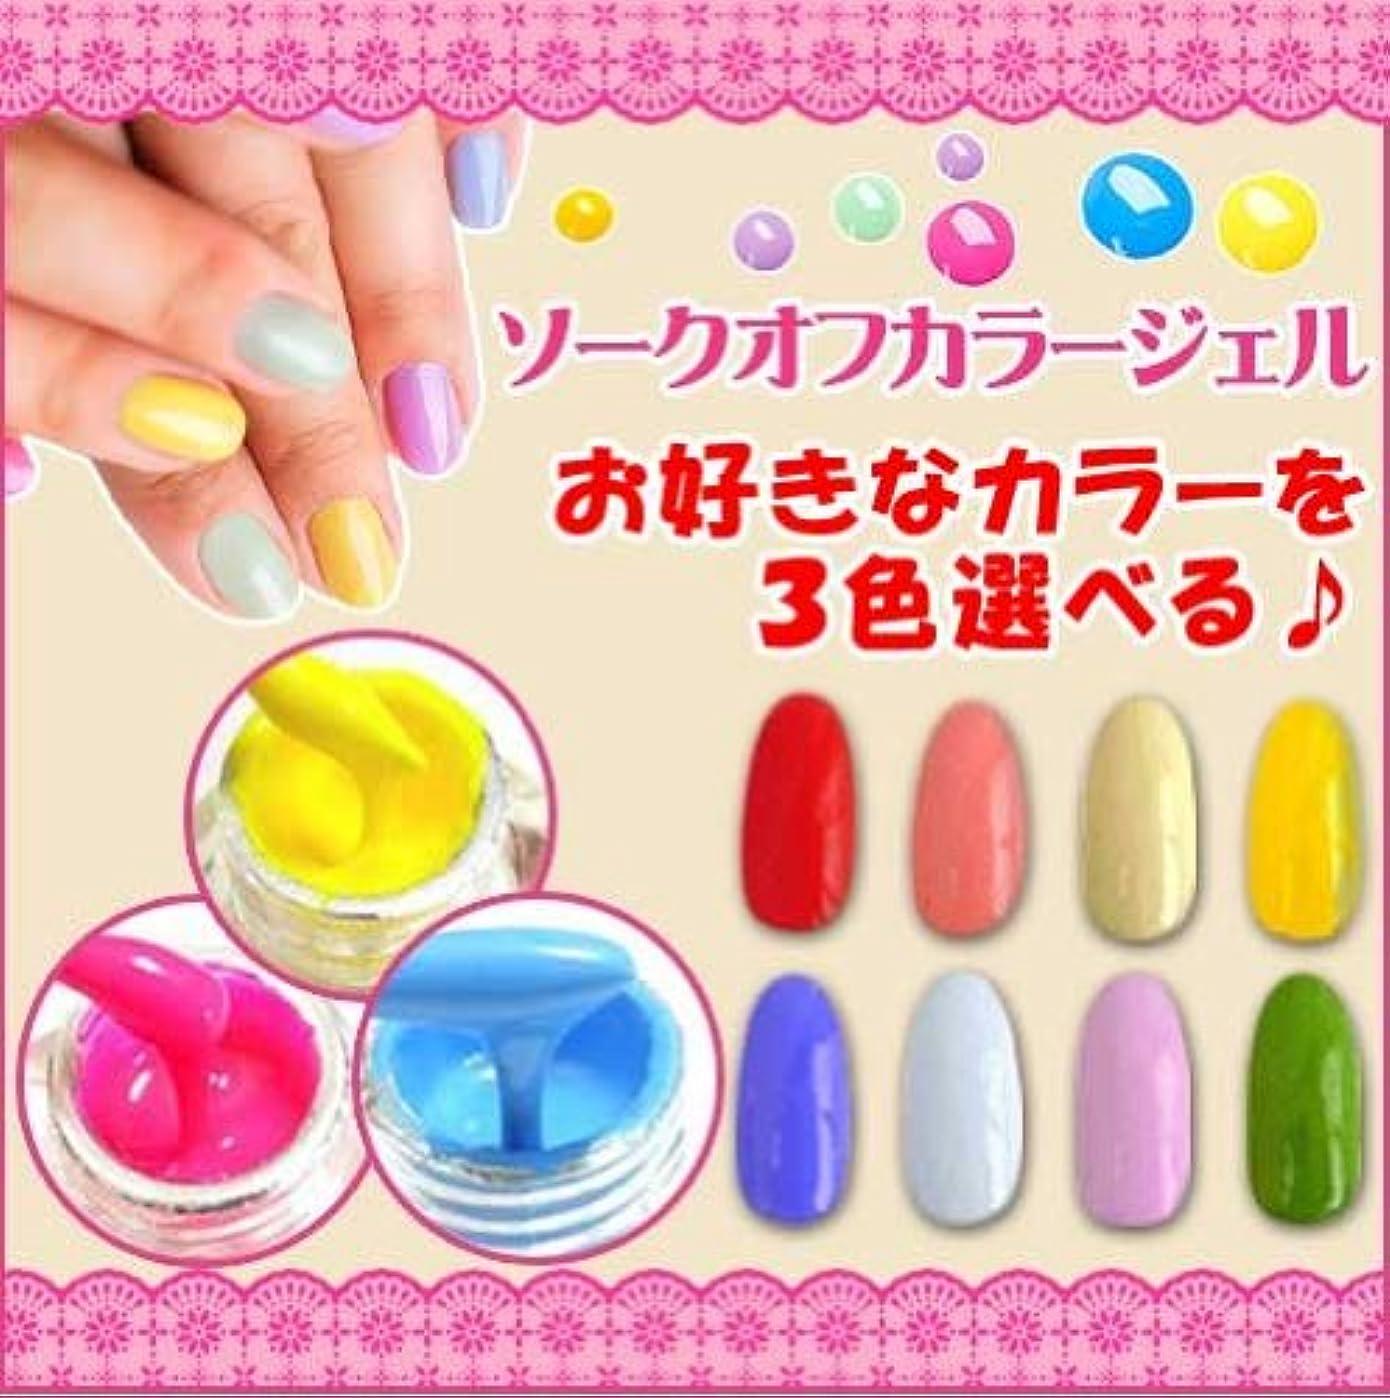 気絶させるヒゲクジラ消費する【好きなカラーが選べる?】カラージェル3色セット☆発色抜群